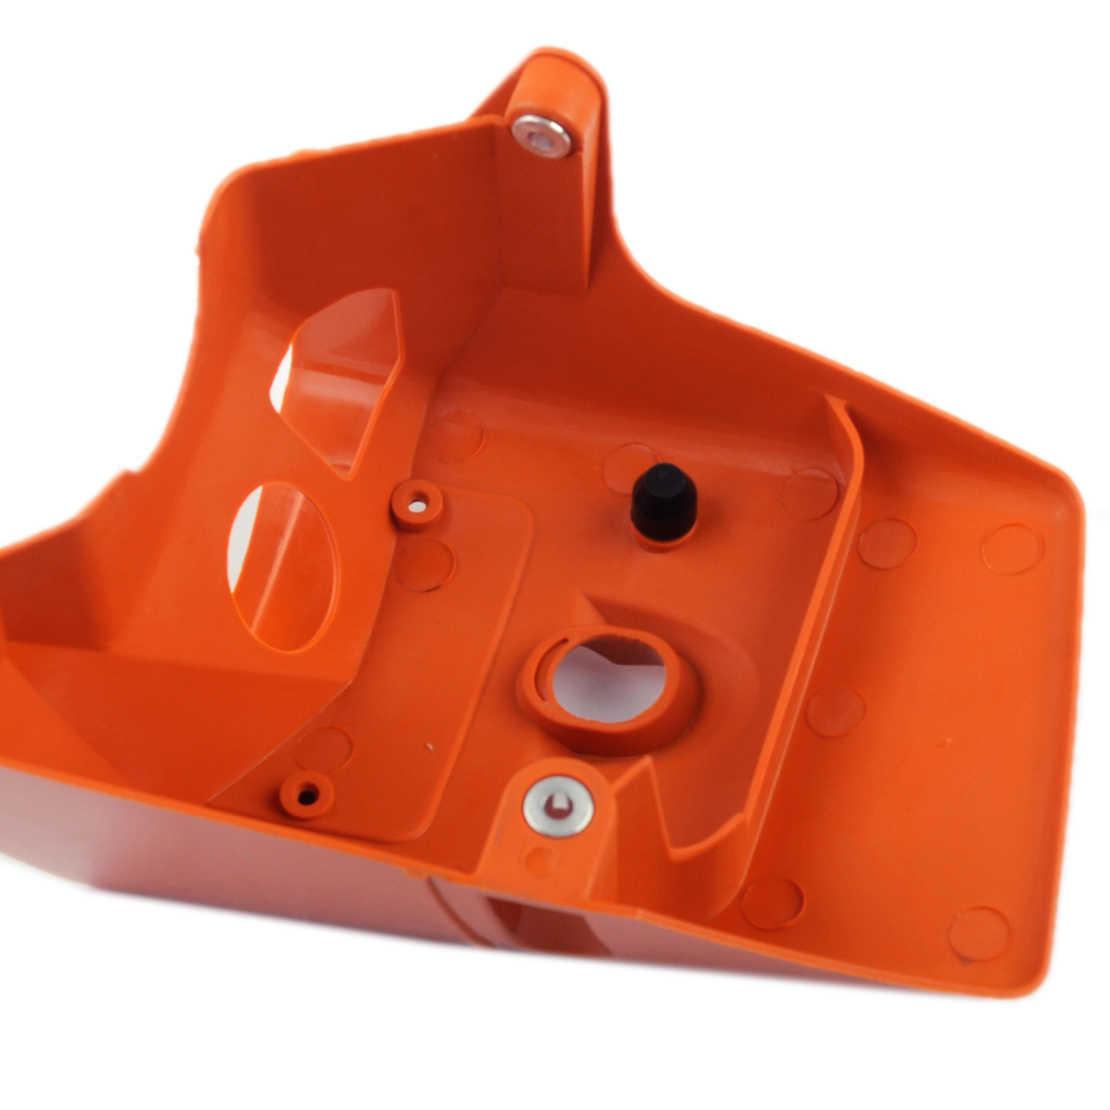 LETAOSK עליון גליל כיסוי תכריכי פלסטיק Fit לstihl Chainsaw 066 MS660 MS650 1122 080 1604